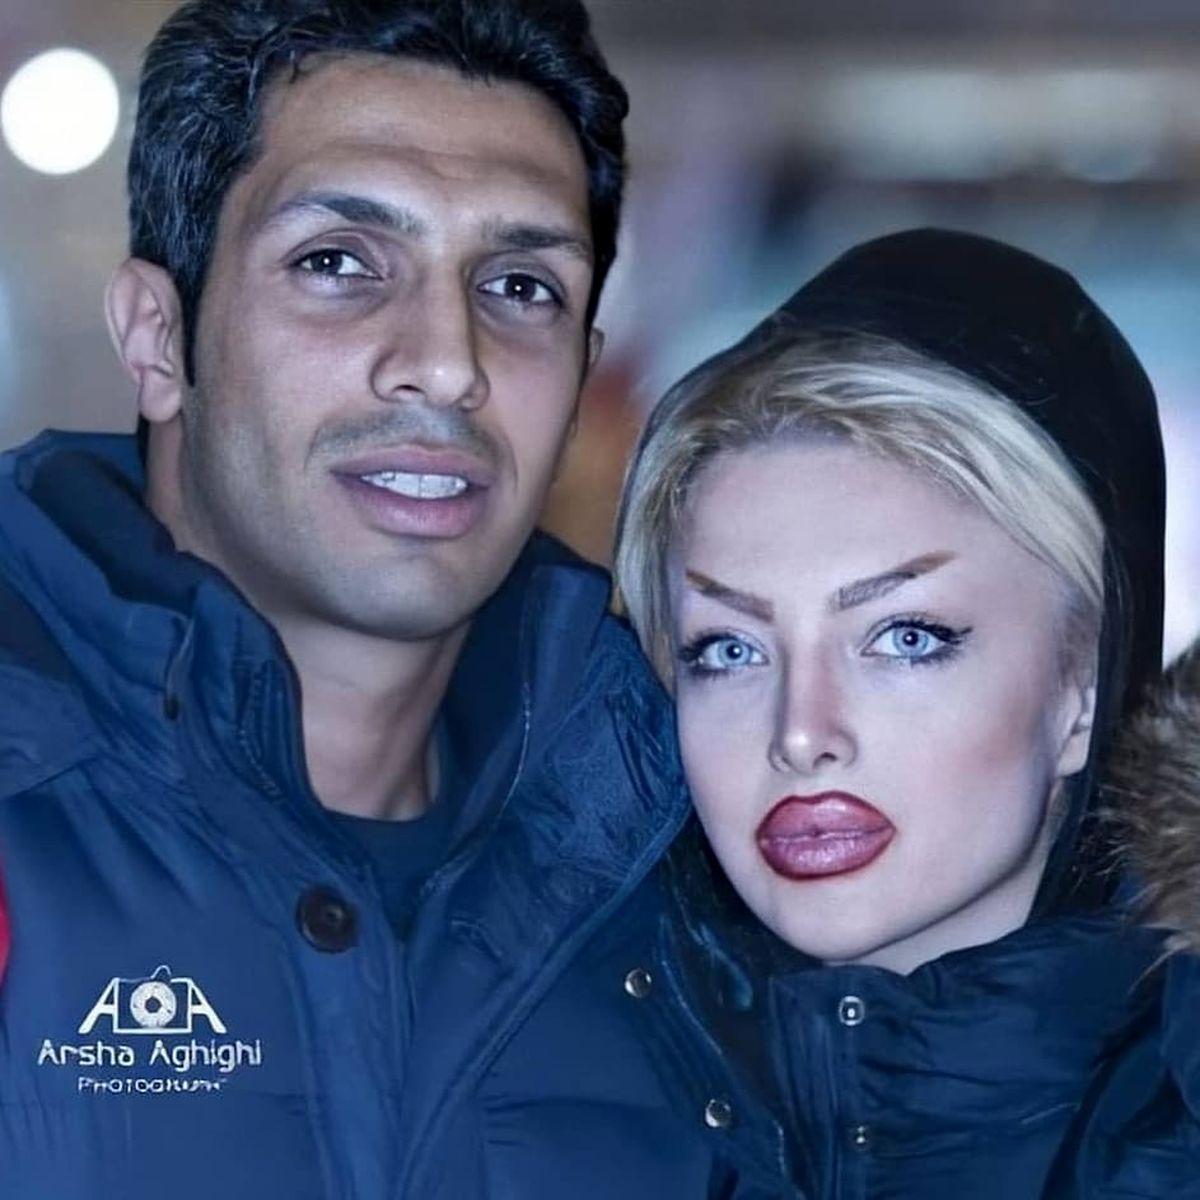 لب های پروتز شده و عجیبِ همسر سپهر حیدری + عکس